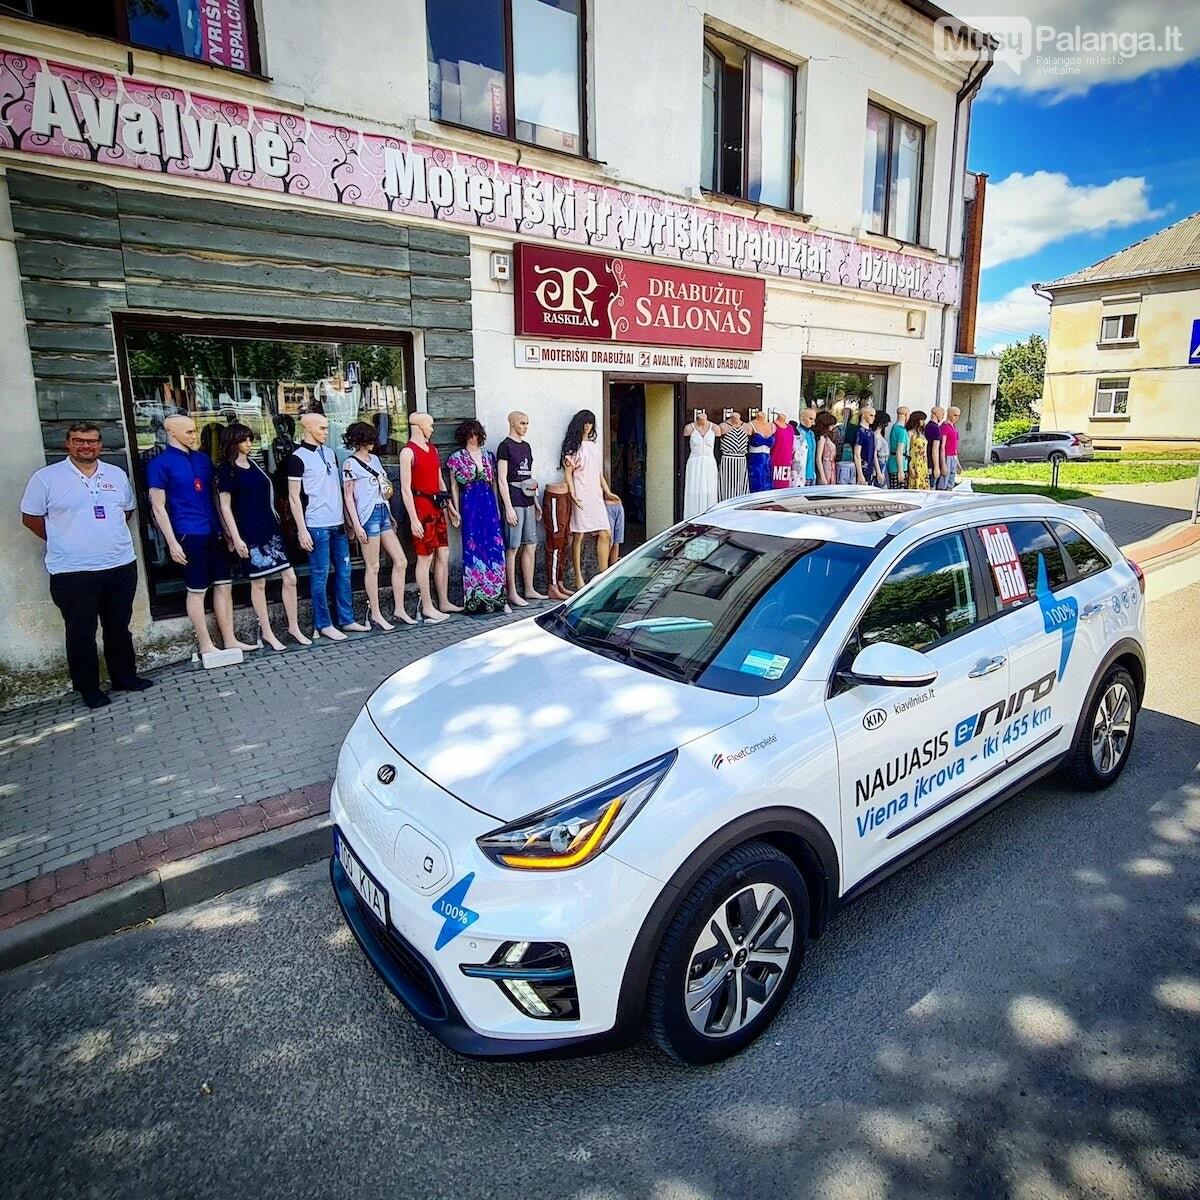 Naujas rekordas: elektromobiliu aplink Lietuvą per 22 valandas, nuotrauka-1, Vytauto PILKAUSKO ir rekordo autorių nuotr.